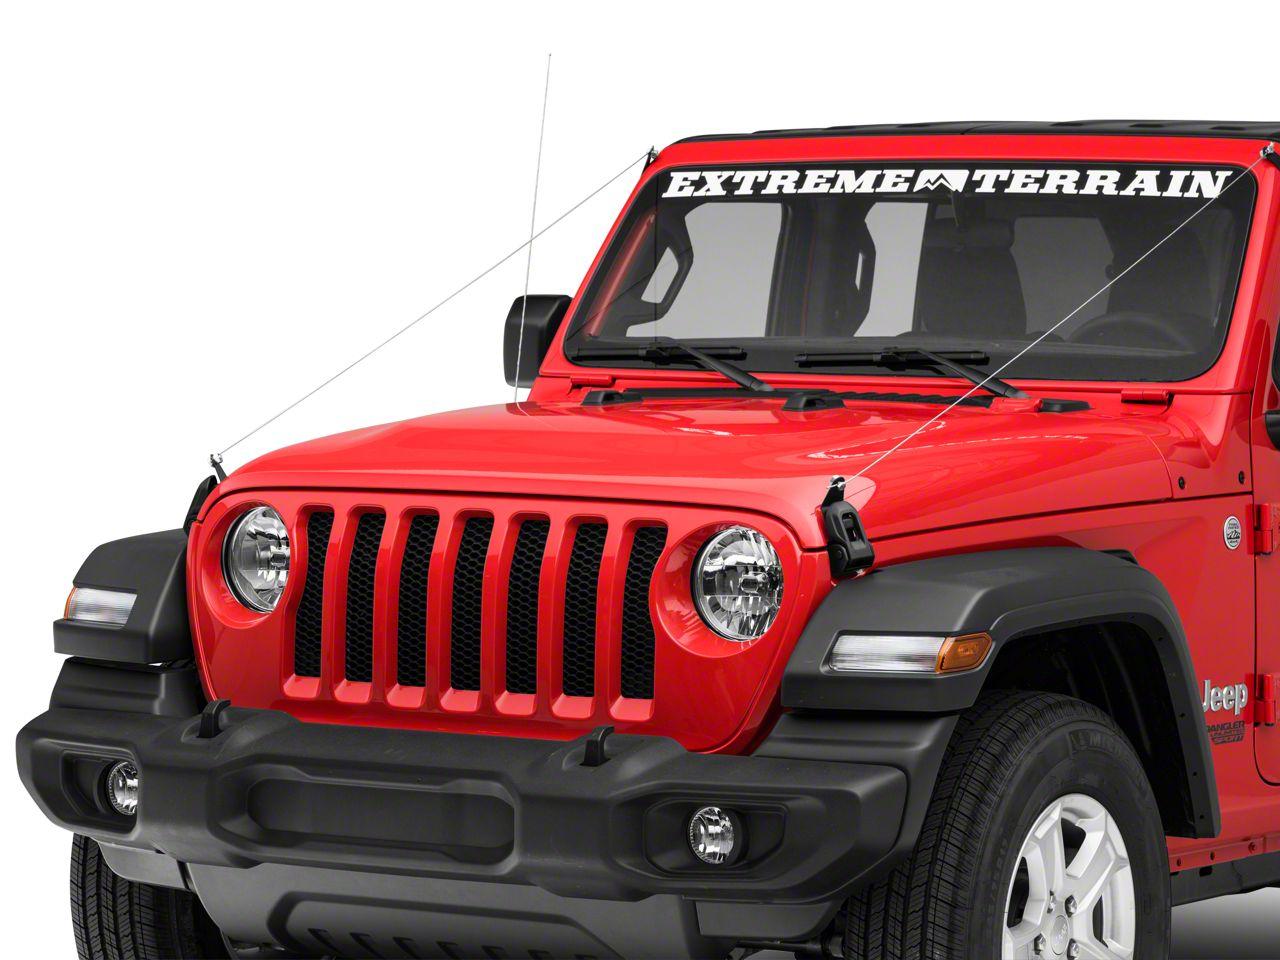 Hauk Off-Road Limb Risers (2018 Jeep Wrangler JL)